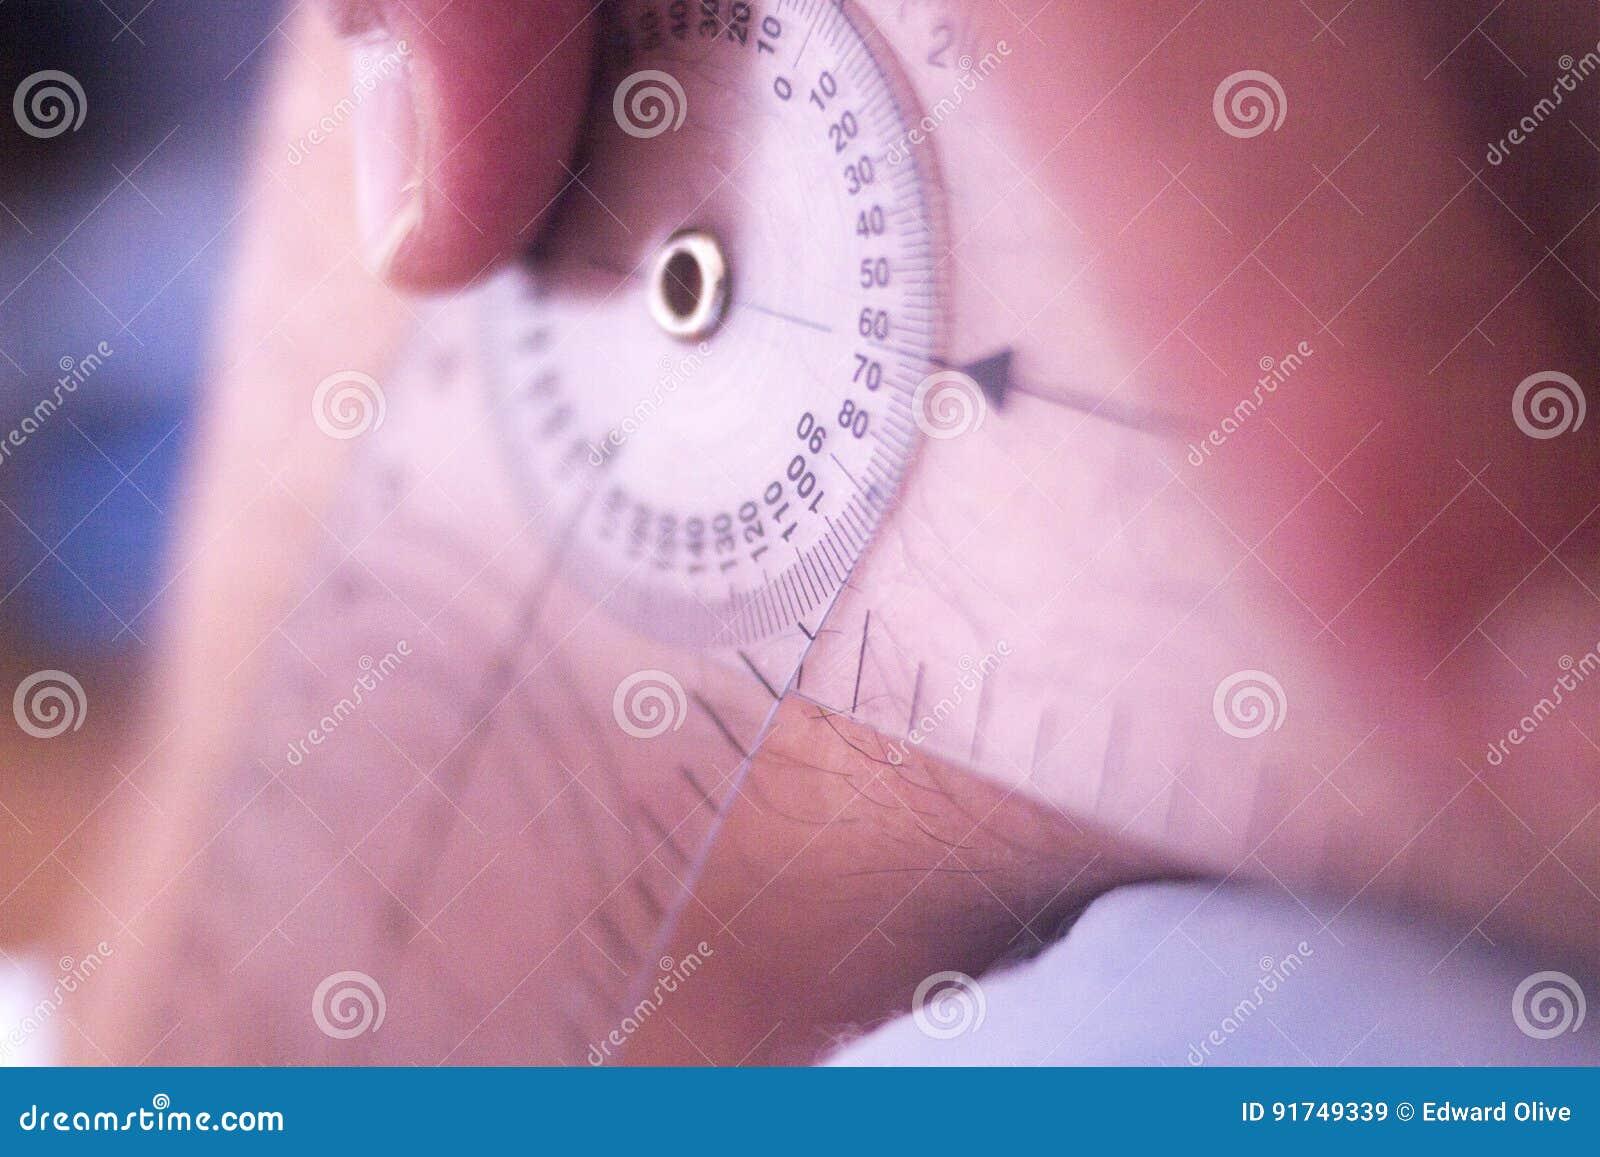 Goniometro di terapia fisica